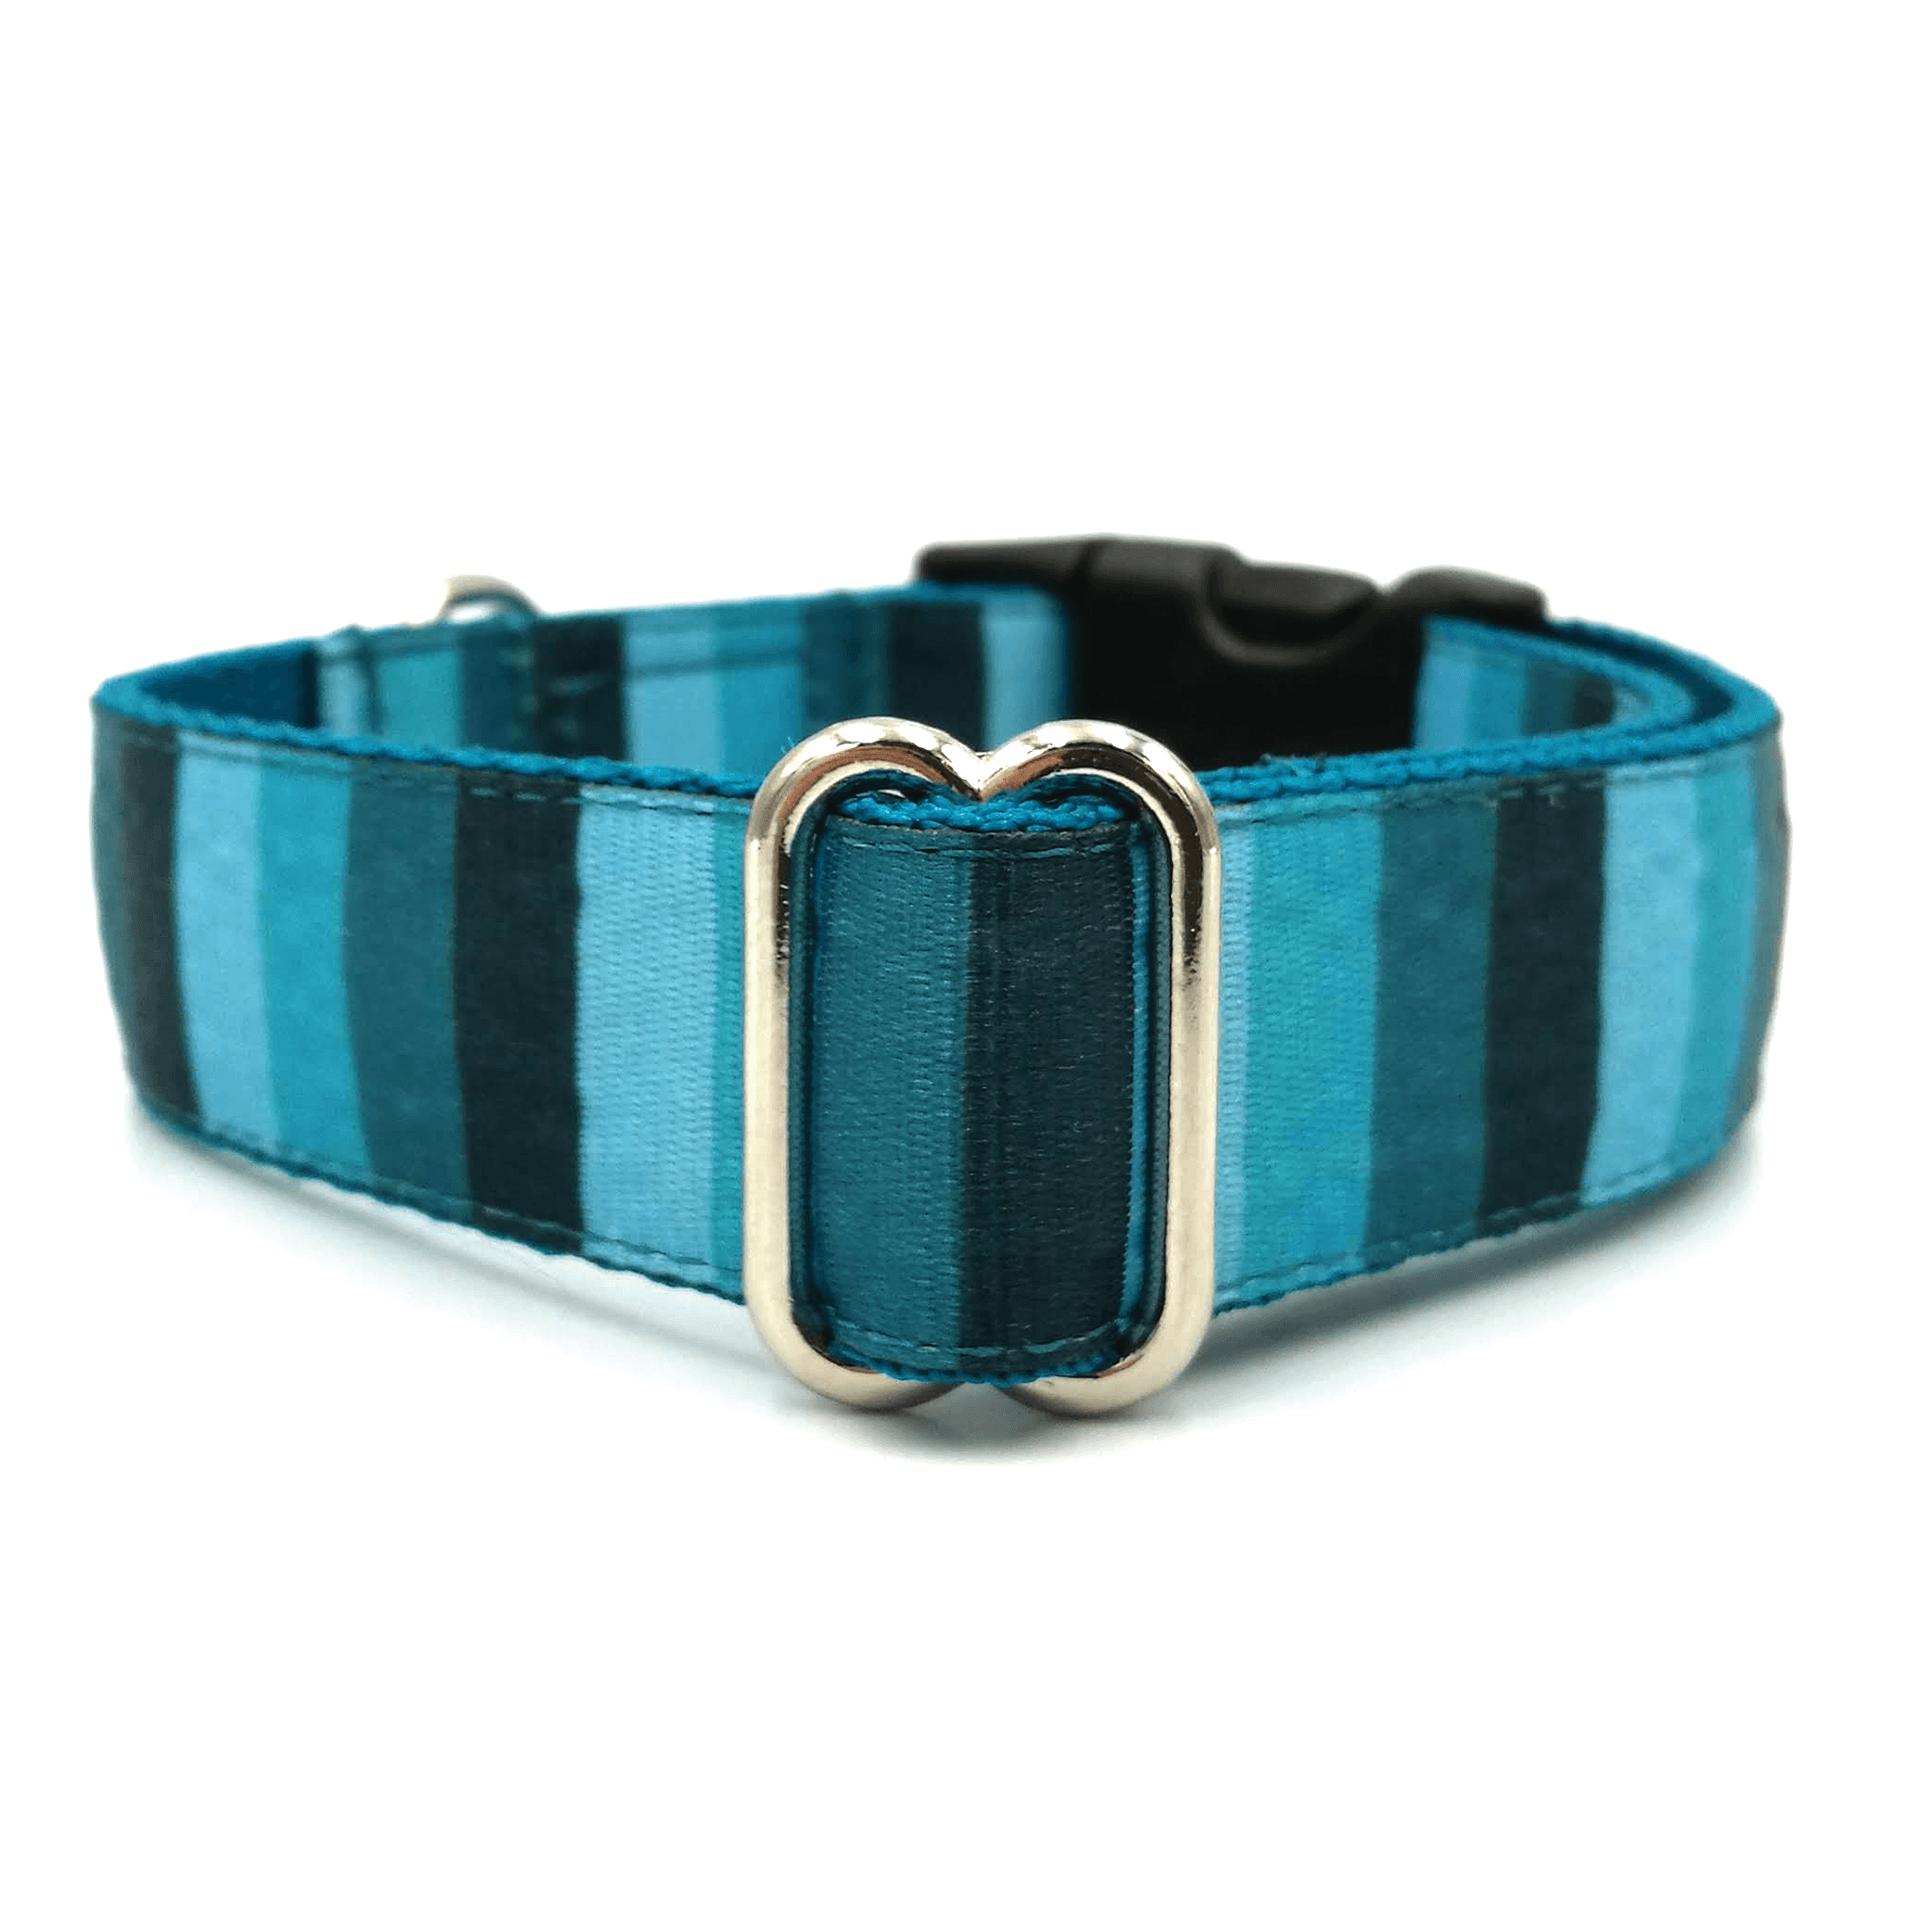 kék csíkos kutya nyakörv, csíkos nyakörv kék színben